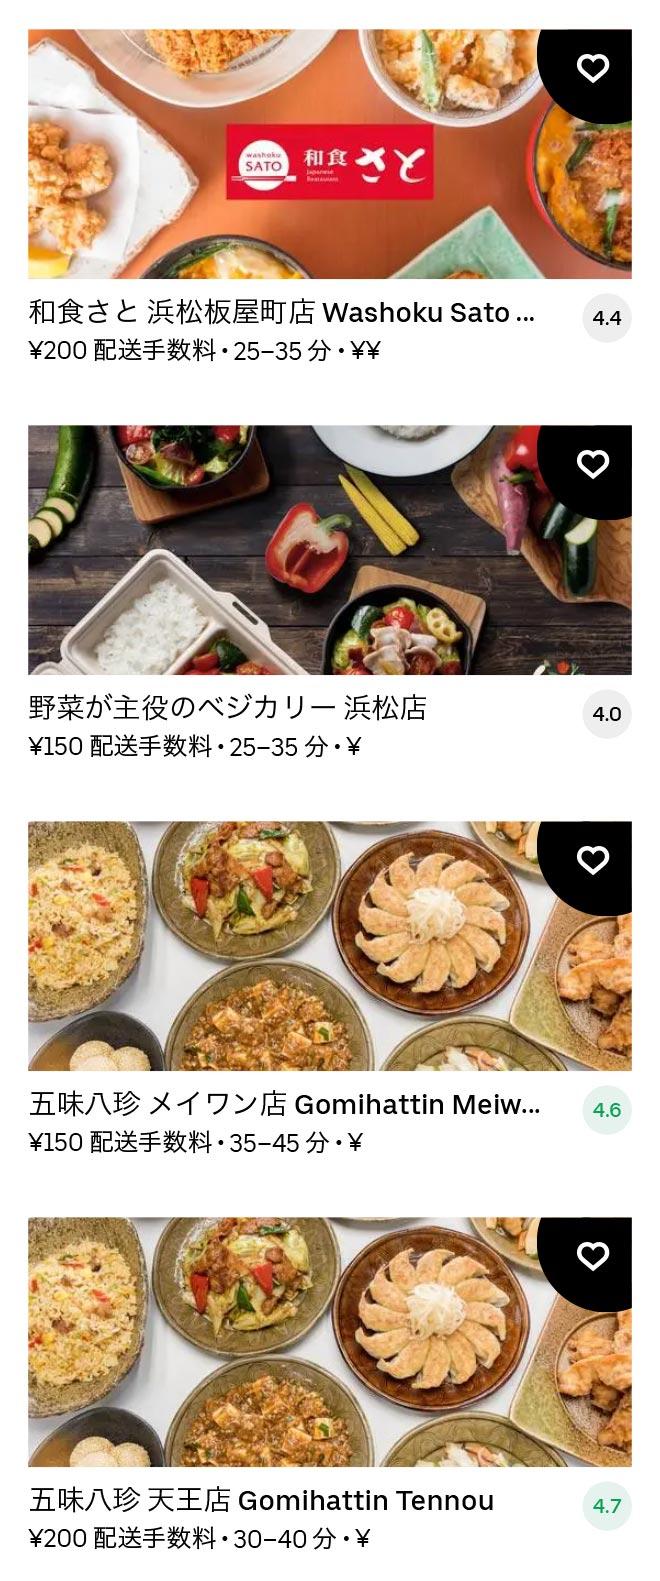 Hikuma menu 2011 08